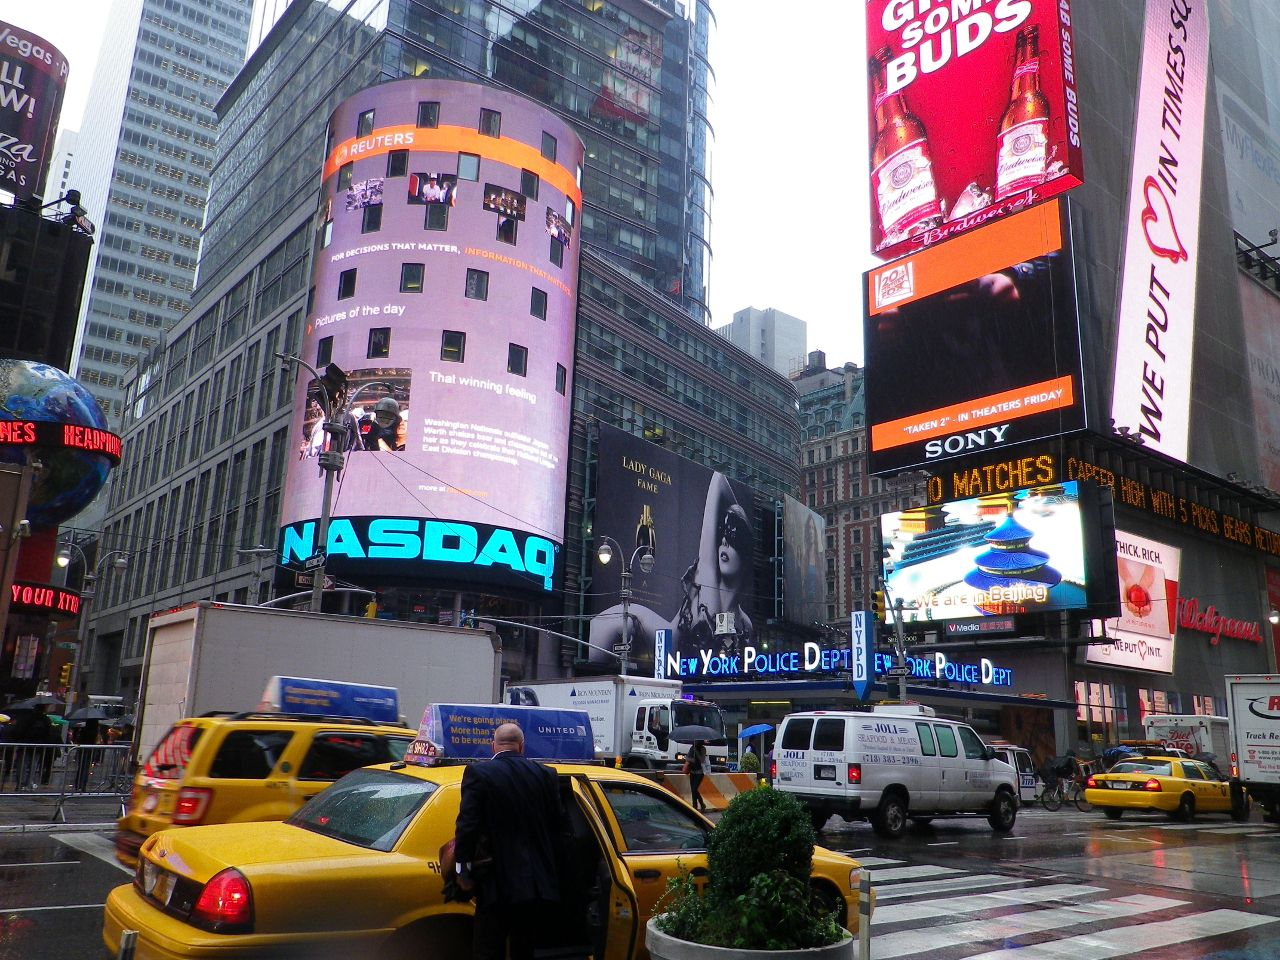 Wer nach New York kommt, schaut sich nicht nur all die vielen Sehenswürdigkeiten an, er bringt auch die Kreditkarte zum glühen. Shoppen ist neben Sightseeing das zweite MUSS. …...mehr unter: http://welt-sehenerleben.de/Archive/783/new-york-shoppen-schauen-und-staunen/  #NewYork #USA #Reisen #Urlaub